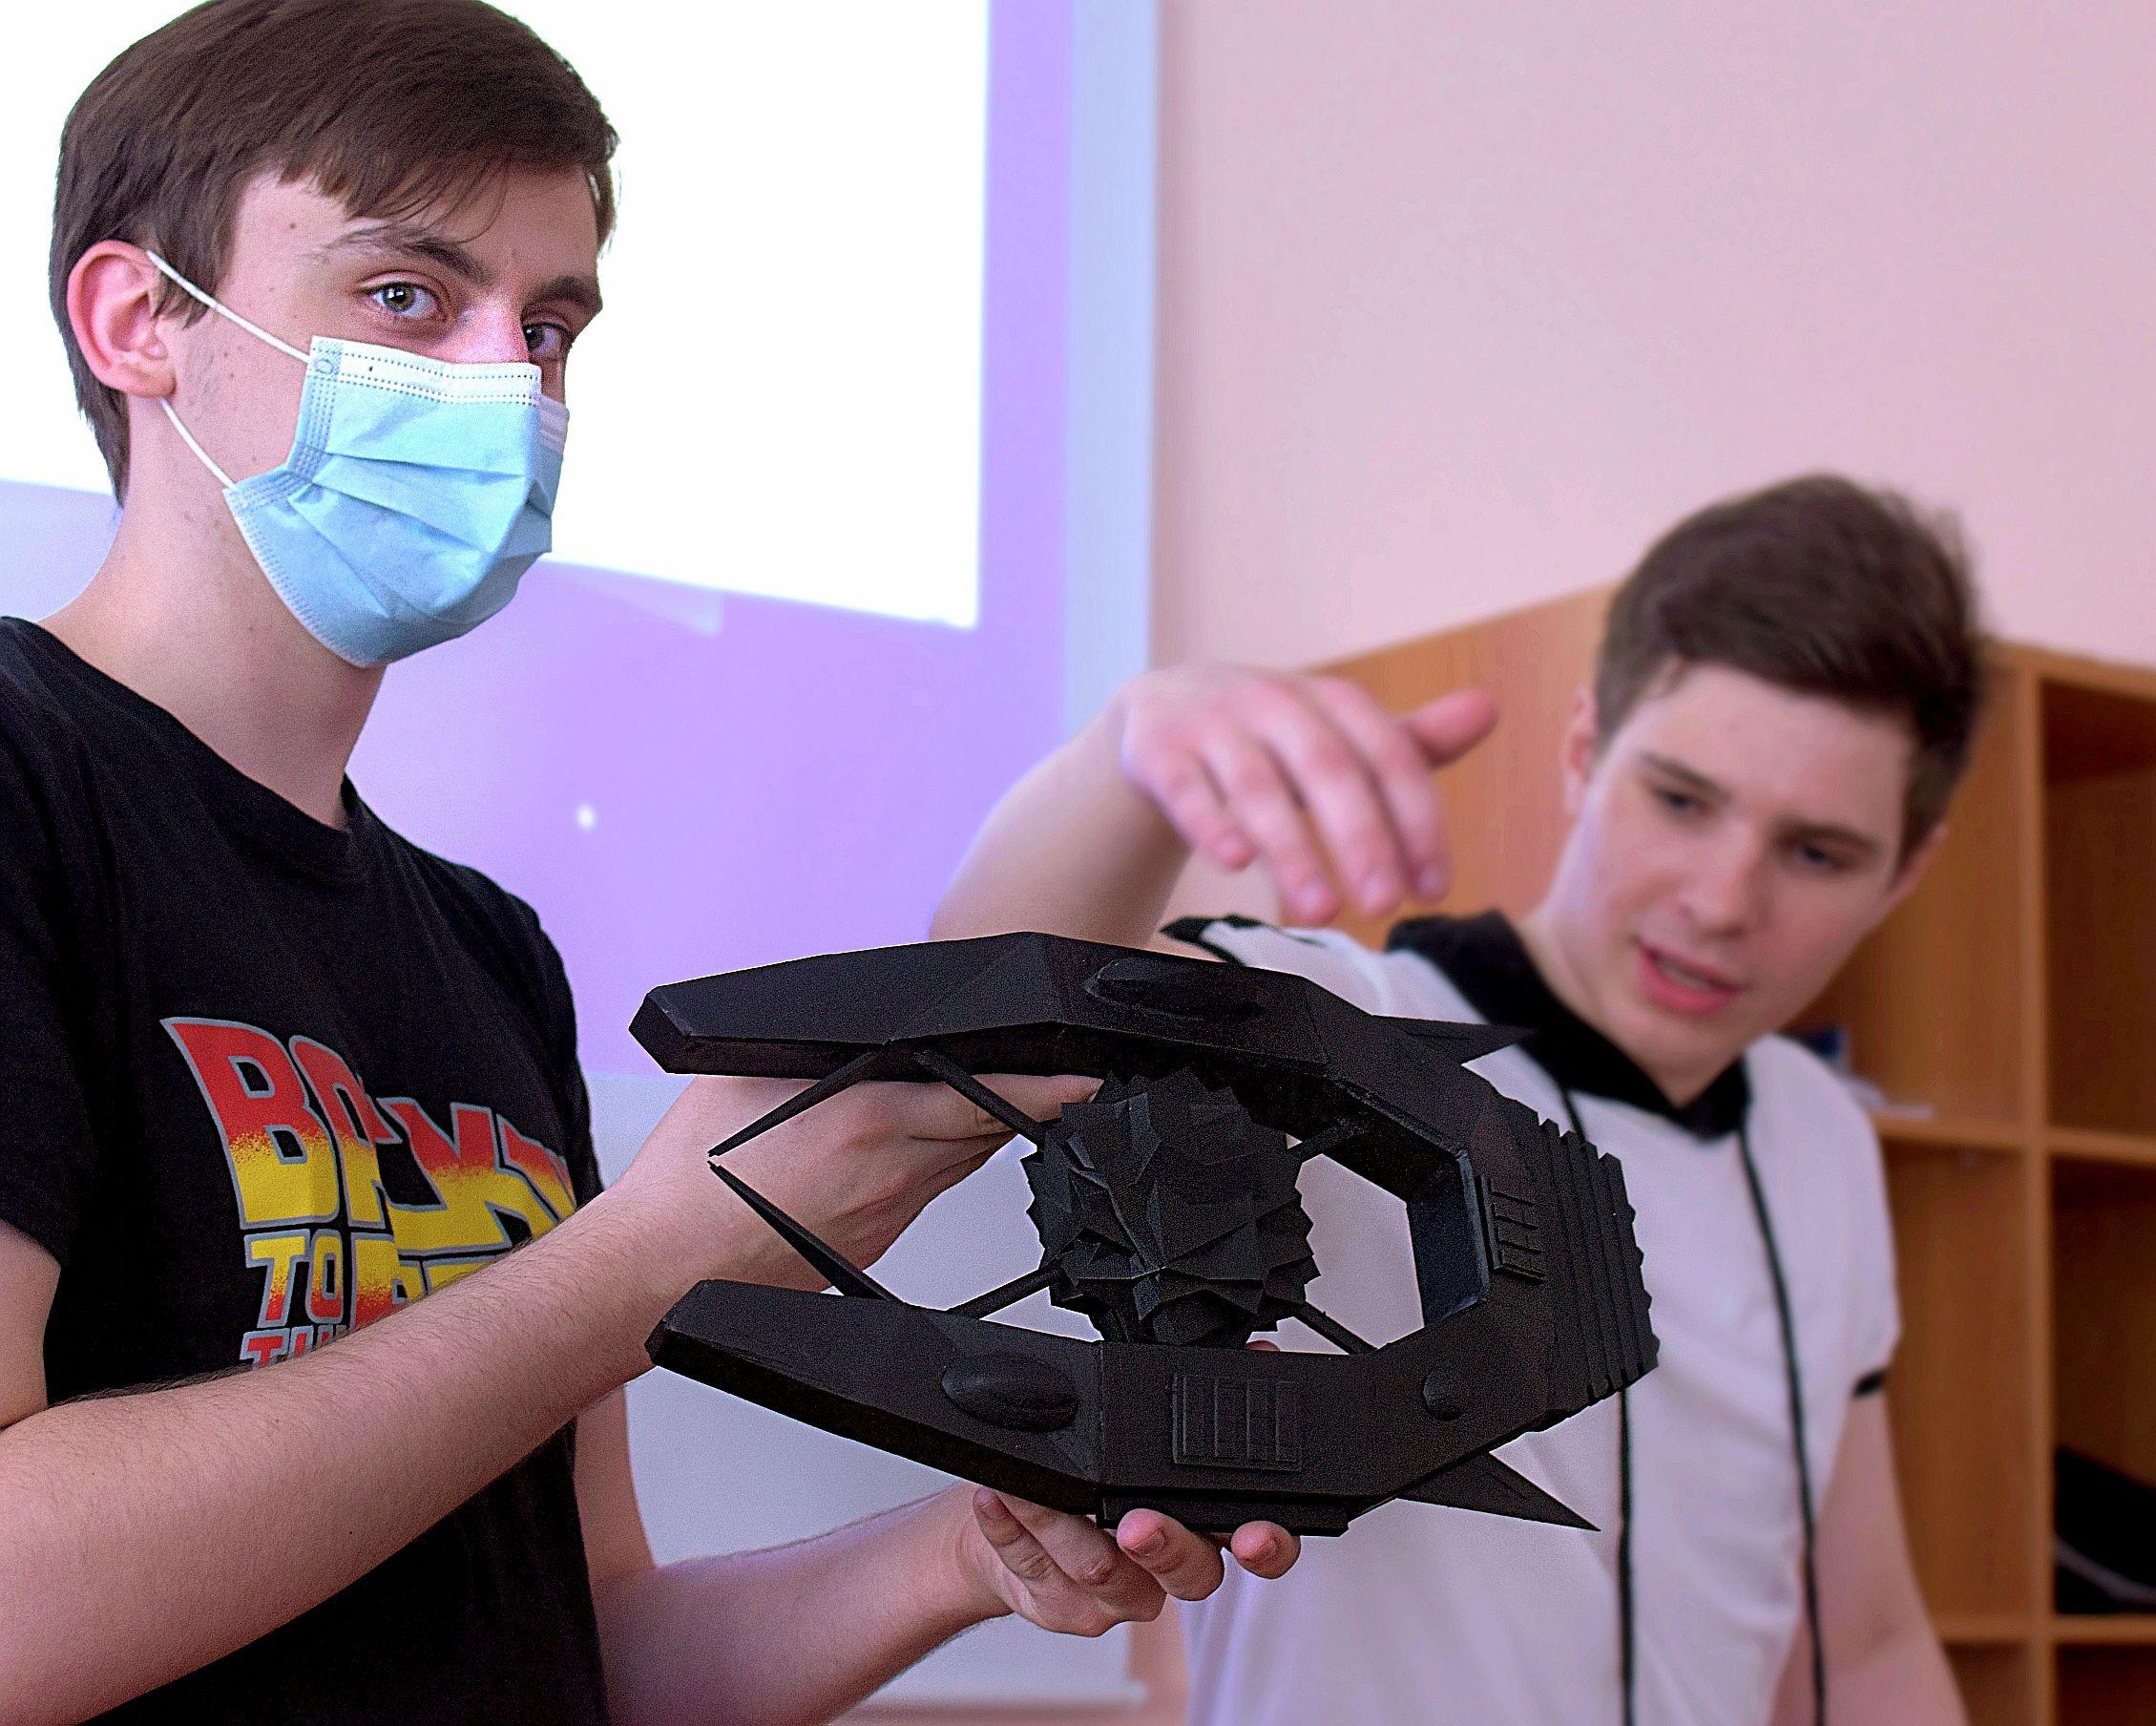 На Кафедре ИТС - первый выпуск студентов дисциплины 3D-инженерная графика и цифровое производство.